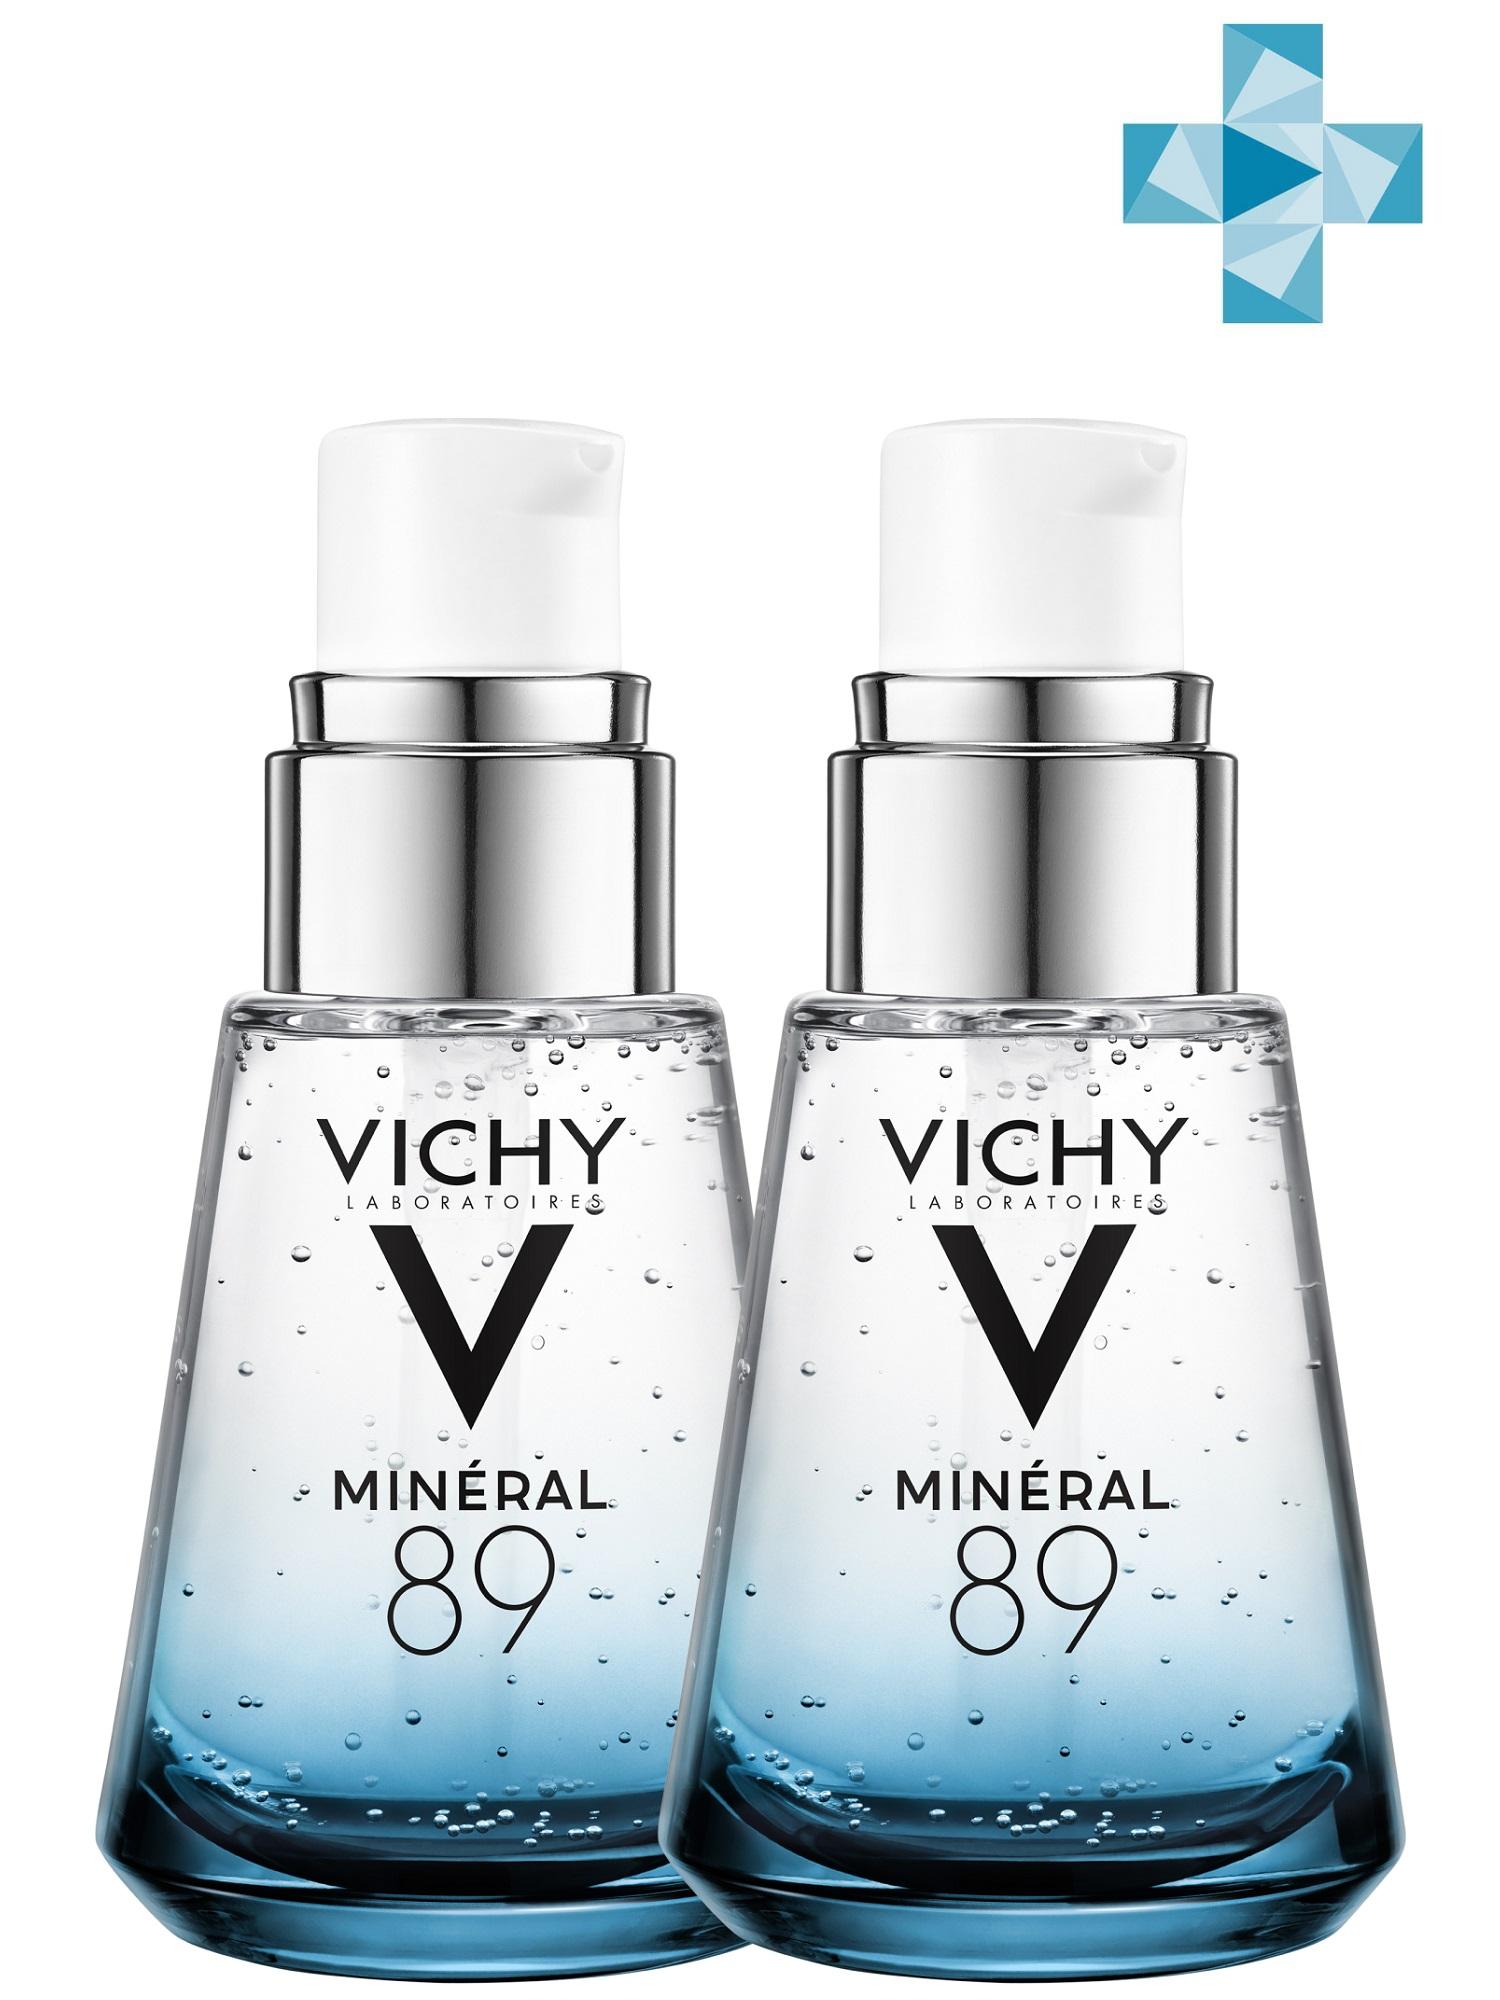 Купить Vichy Комплект Гель-сыворотка для всех типов кожи, 2х30 мл (Vichy, Mineral 89), Франция